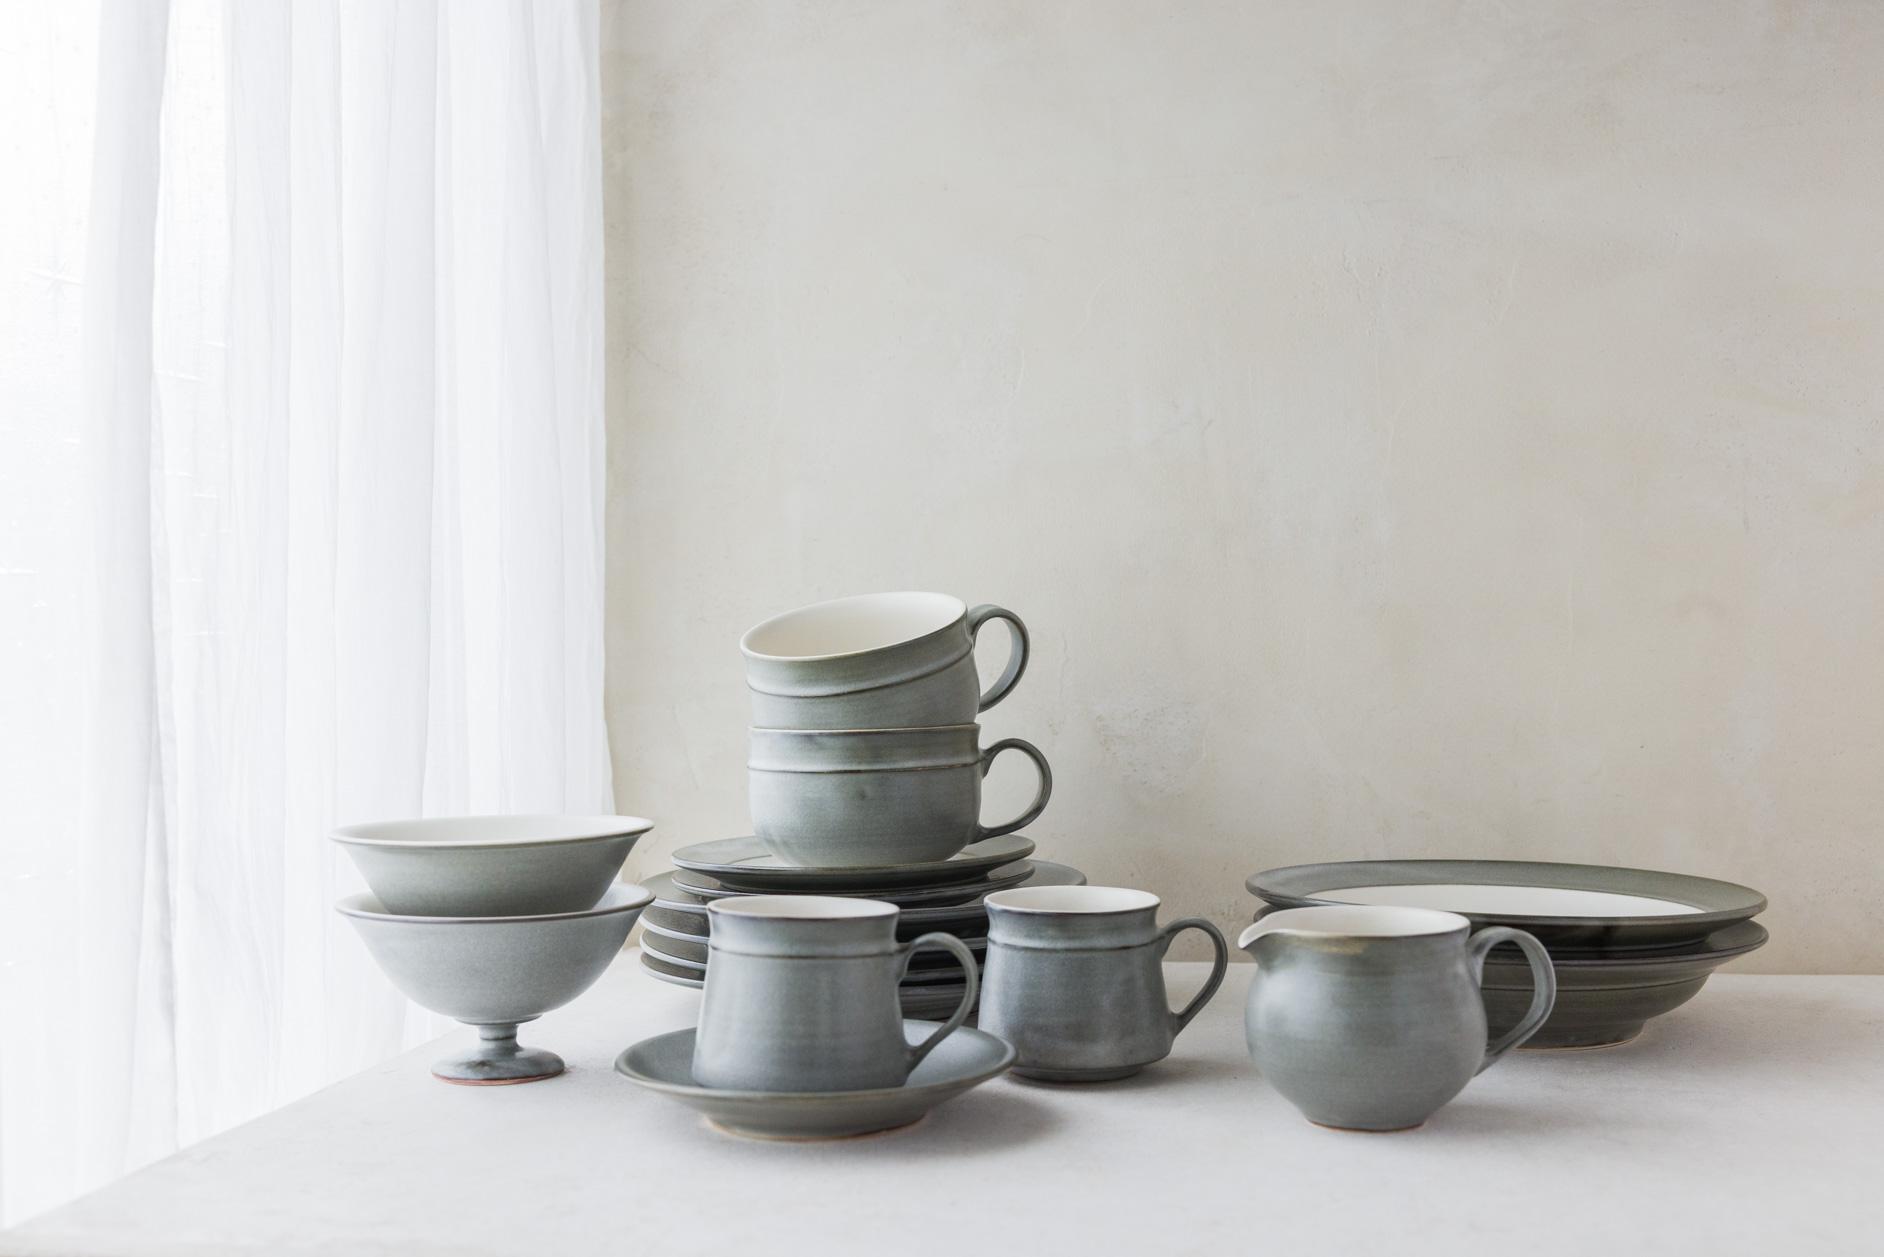 中村智子 陶器 作品 通販